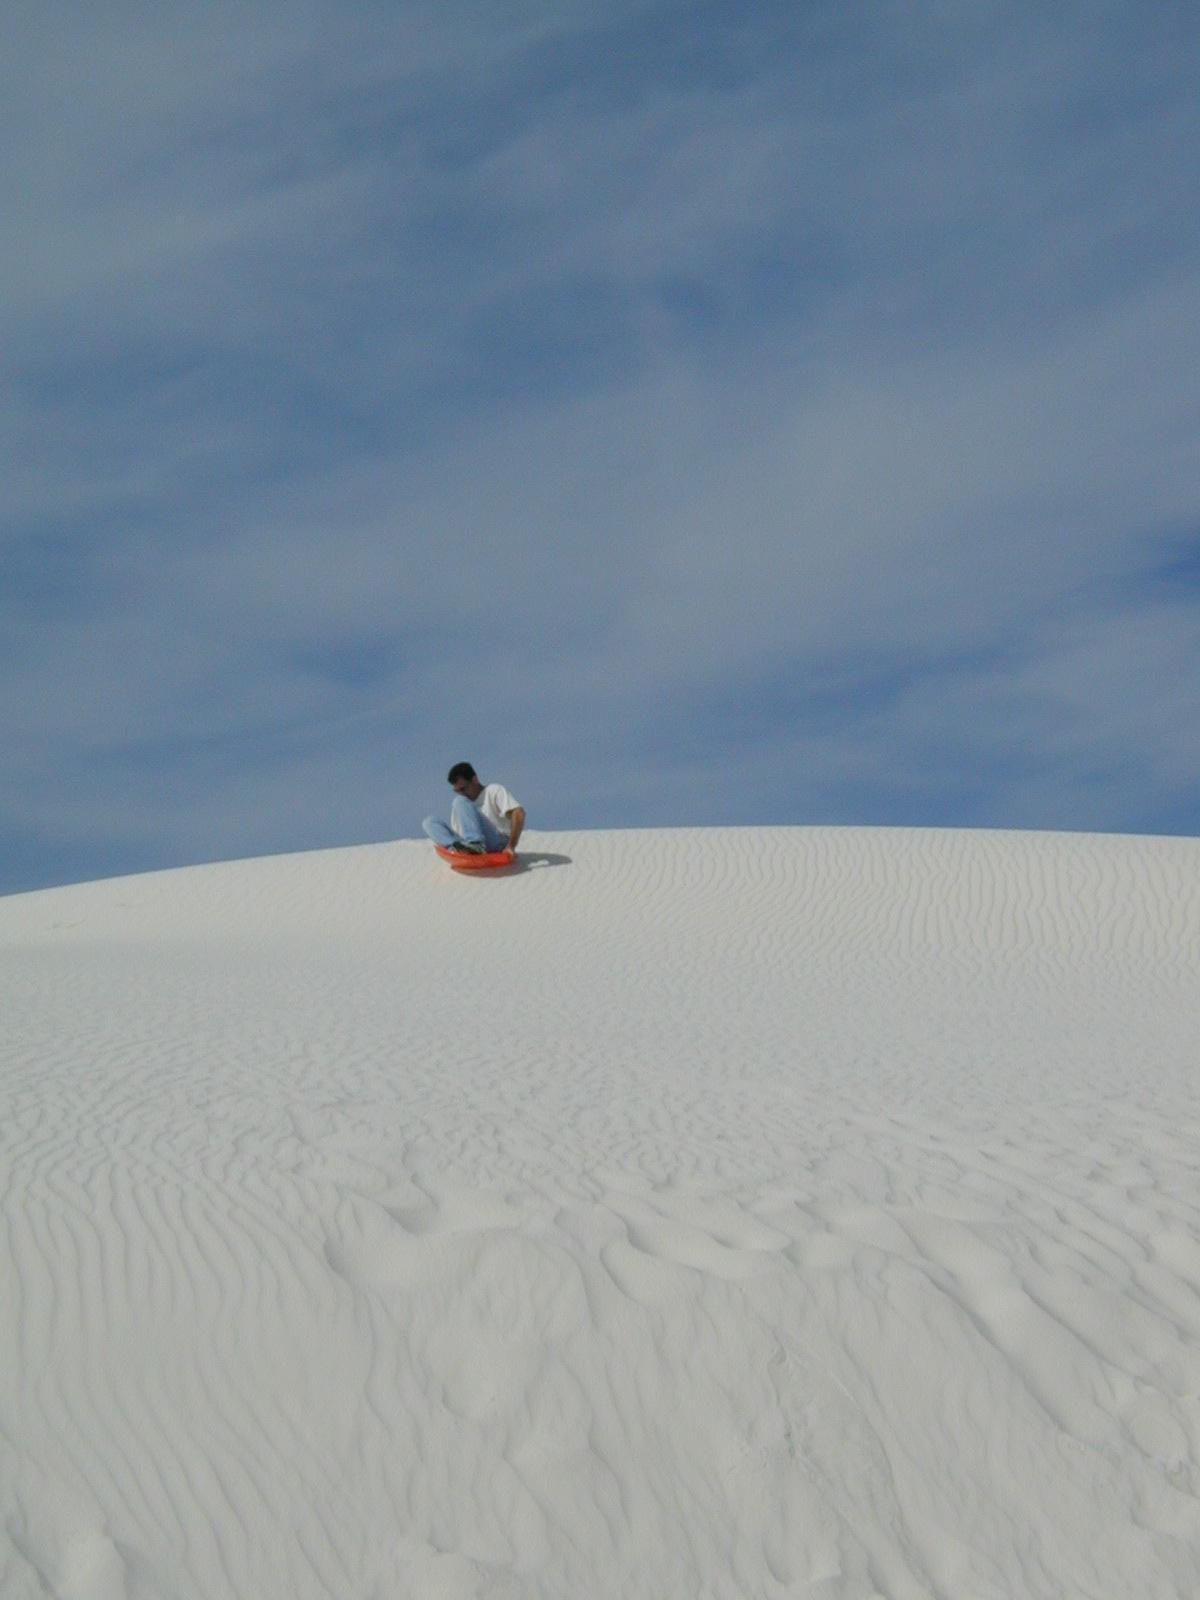 Sand Sledding in White Sands